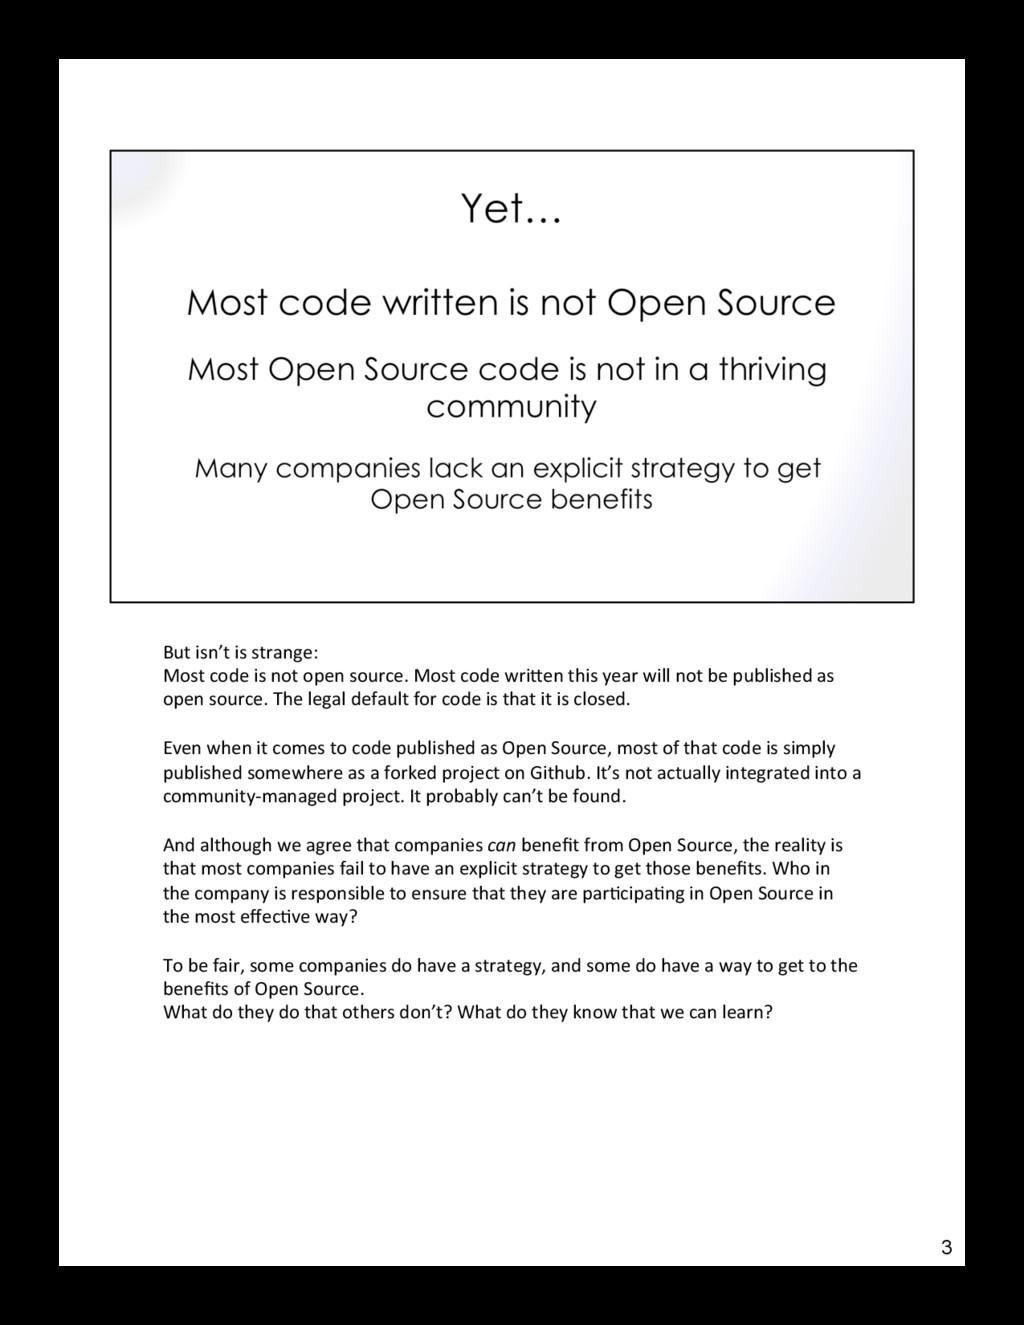 But isn't is strange: Most code is not open sou...